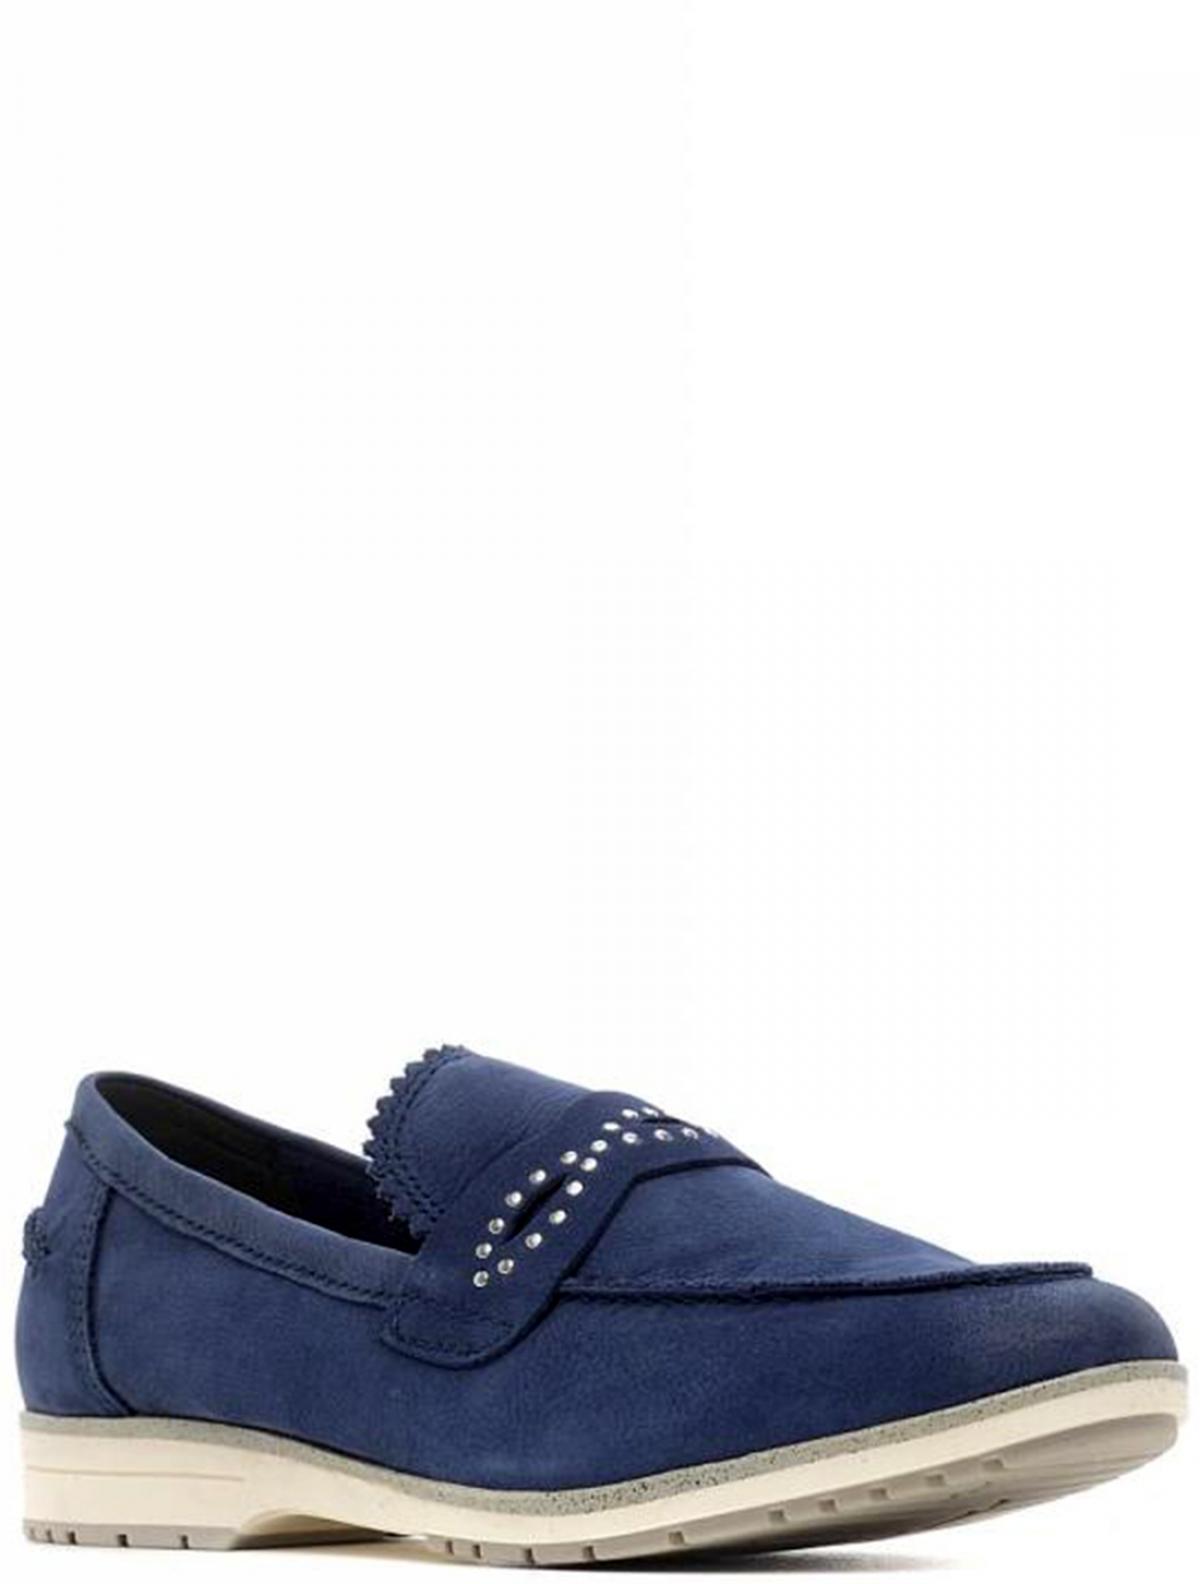 Marco Tozzi 2-24607-28-805 женские туфли